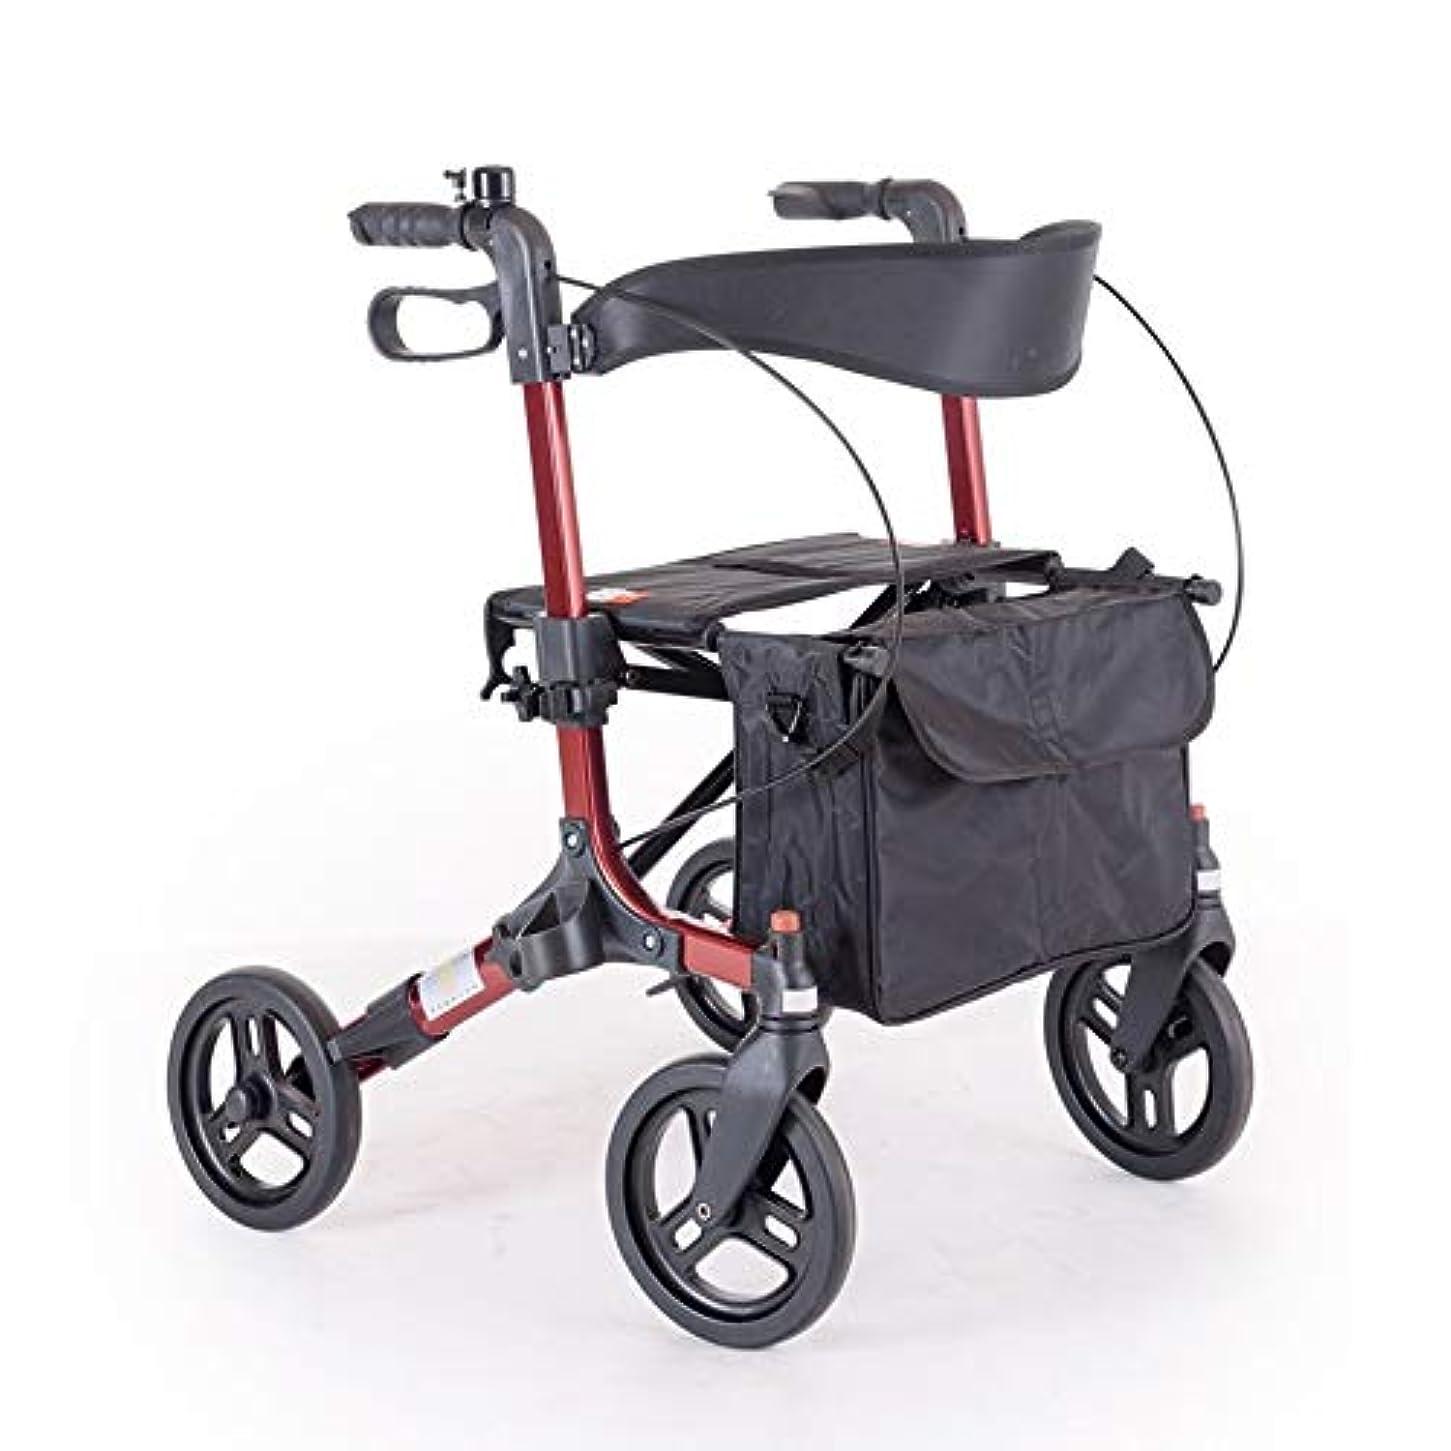 嵐のなす授業料折り畳み式の軽量コンパクトな歩行器、シートとバッグ付き